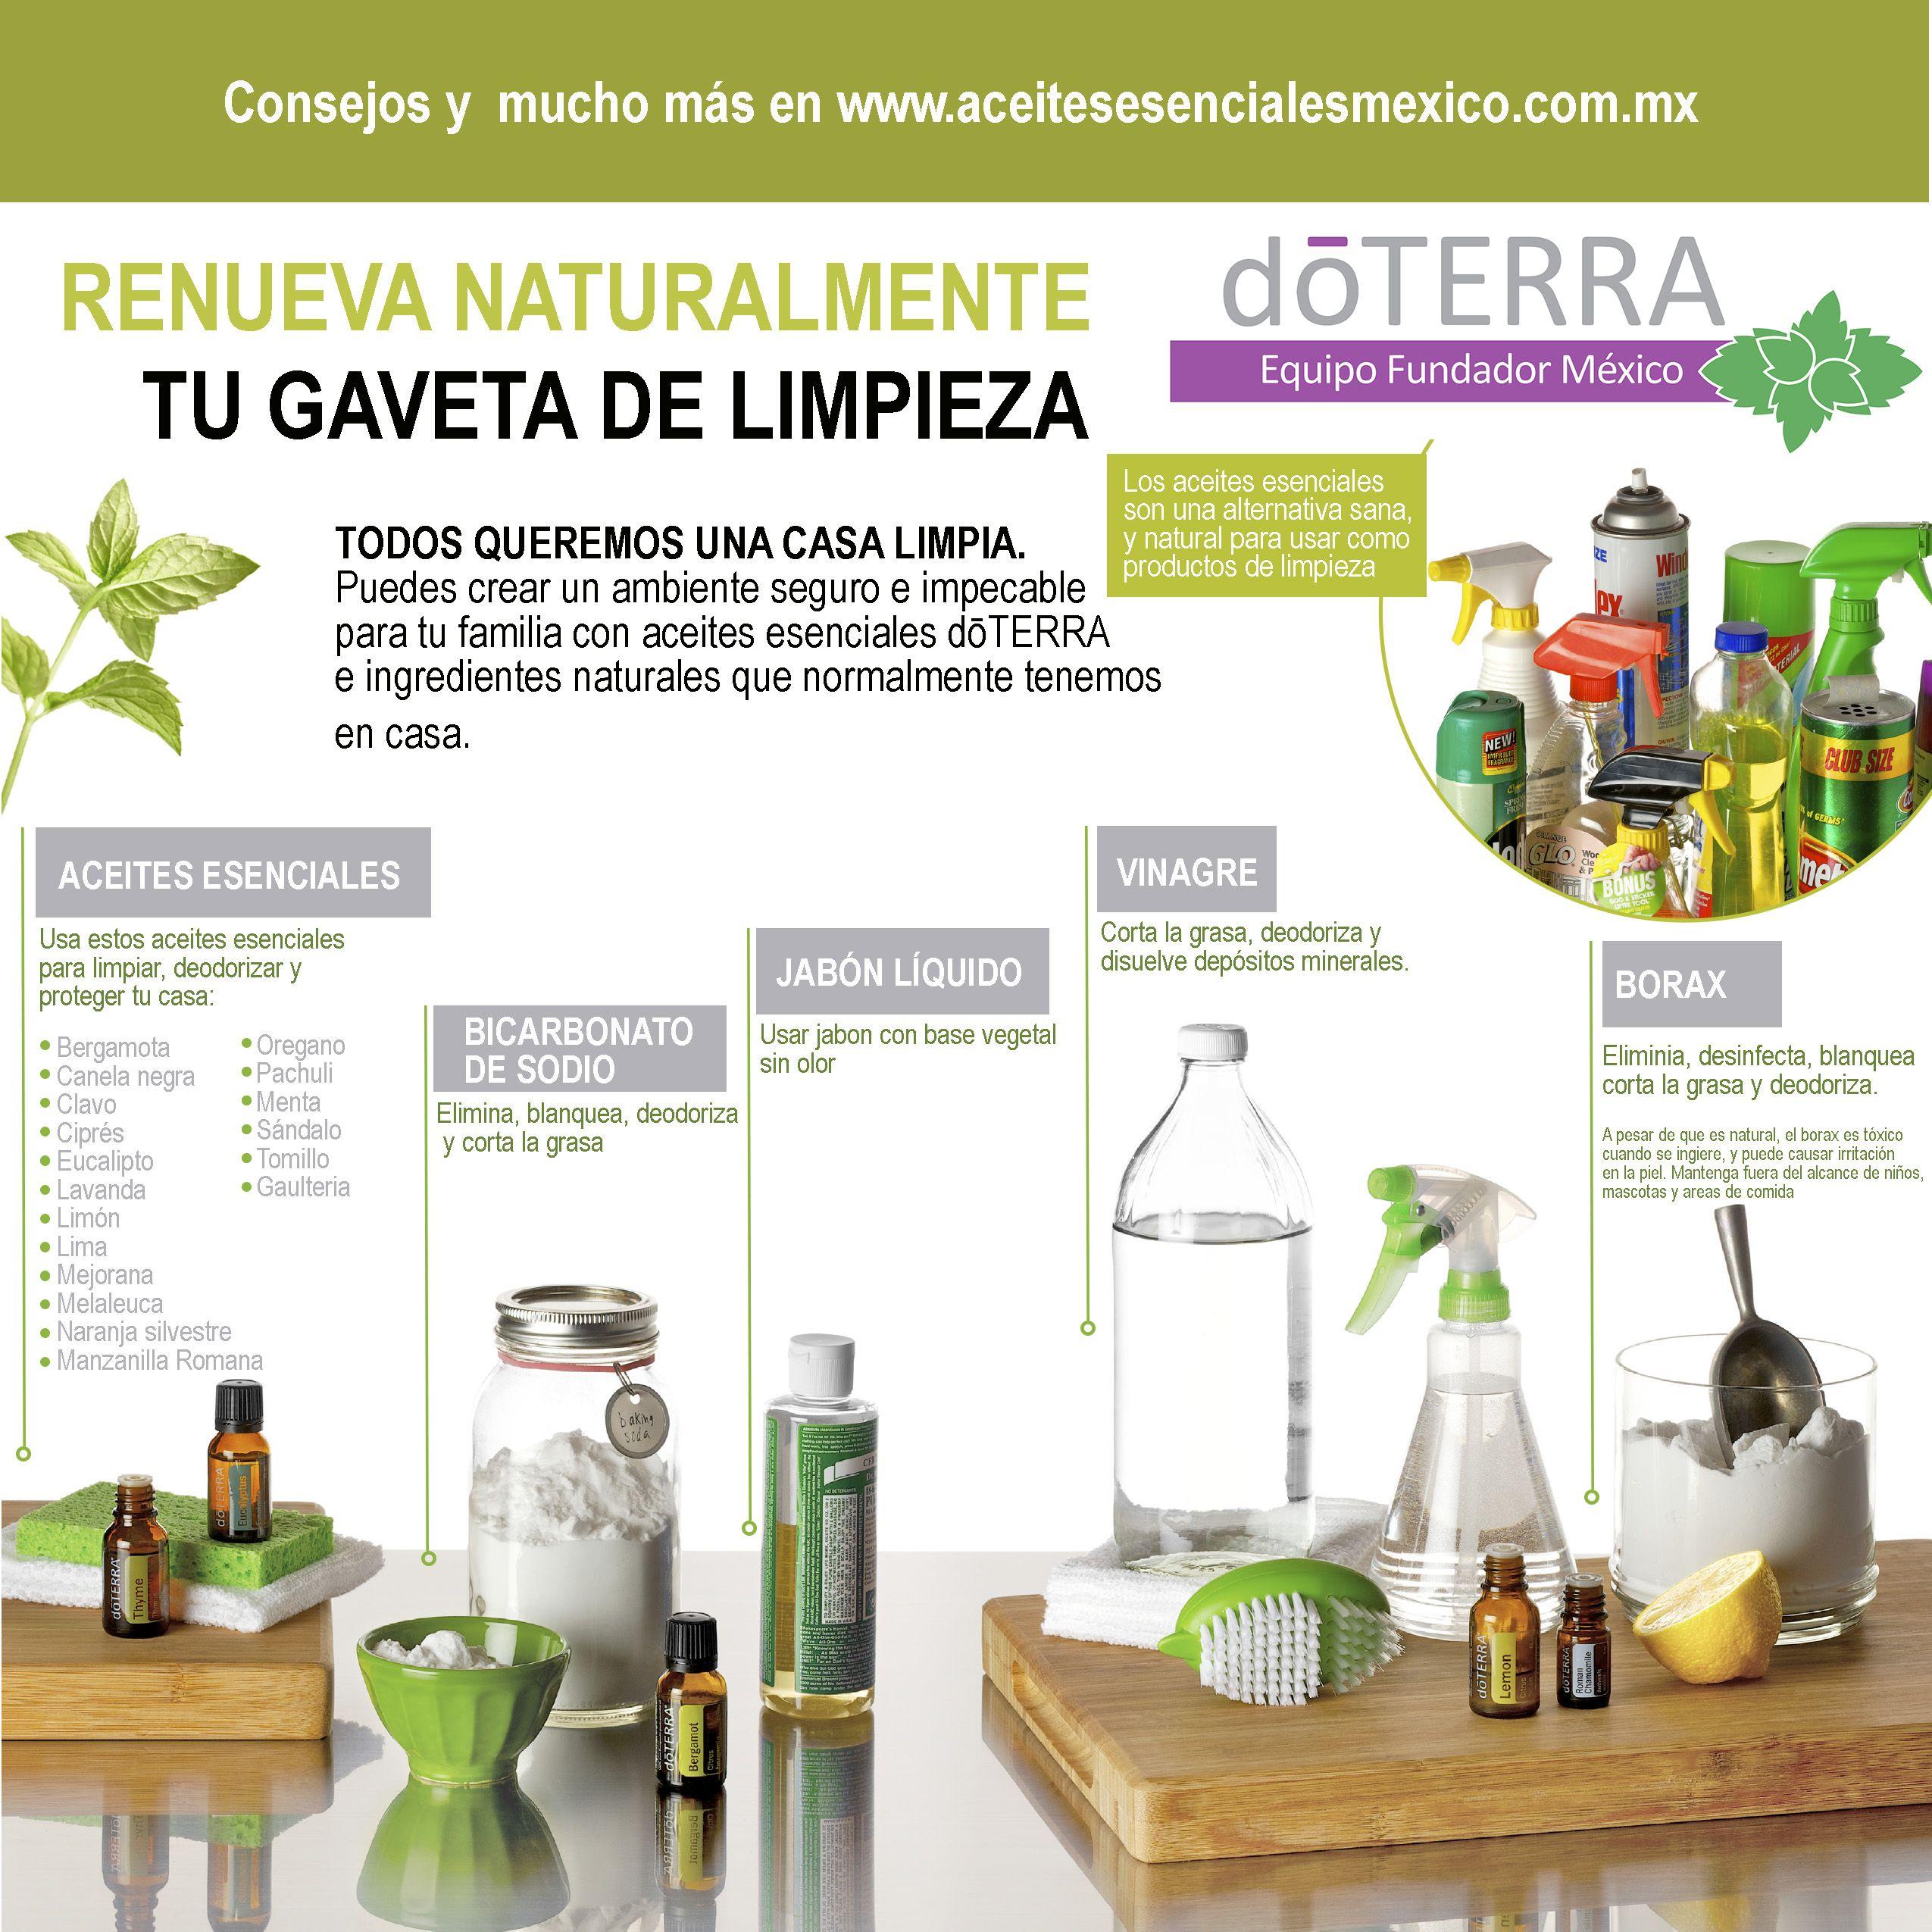 Limpia tu hogar de manera natural con aceites esenciales for Aceites esenciales usos